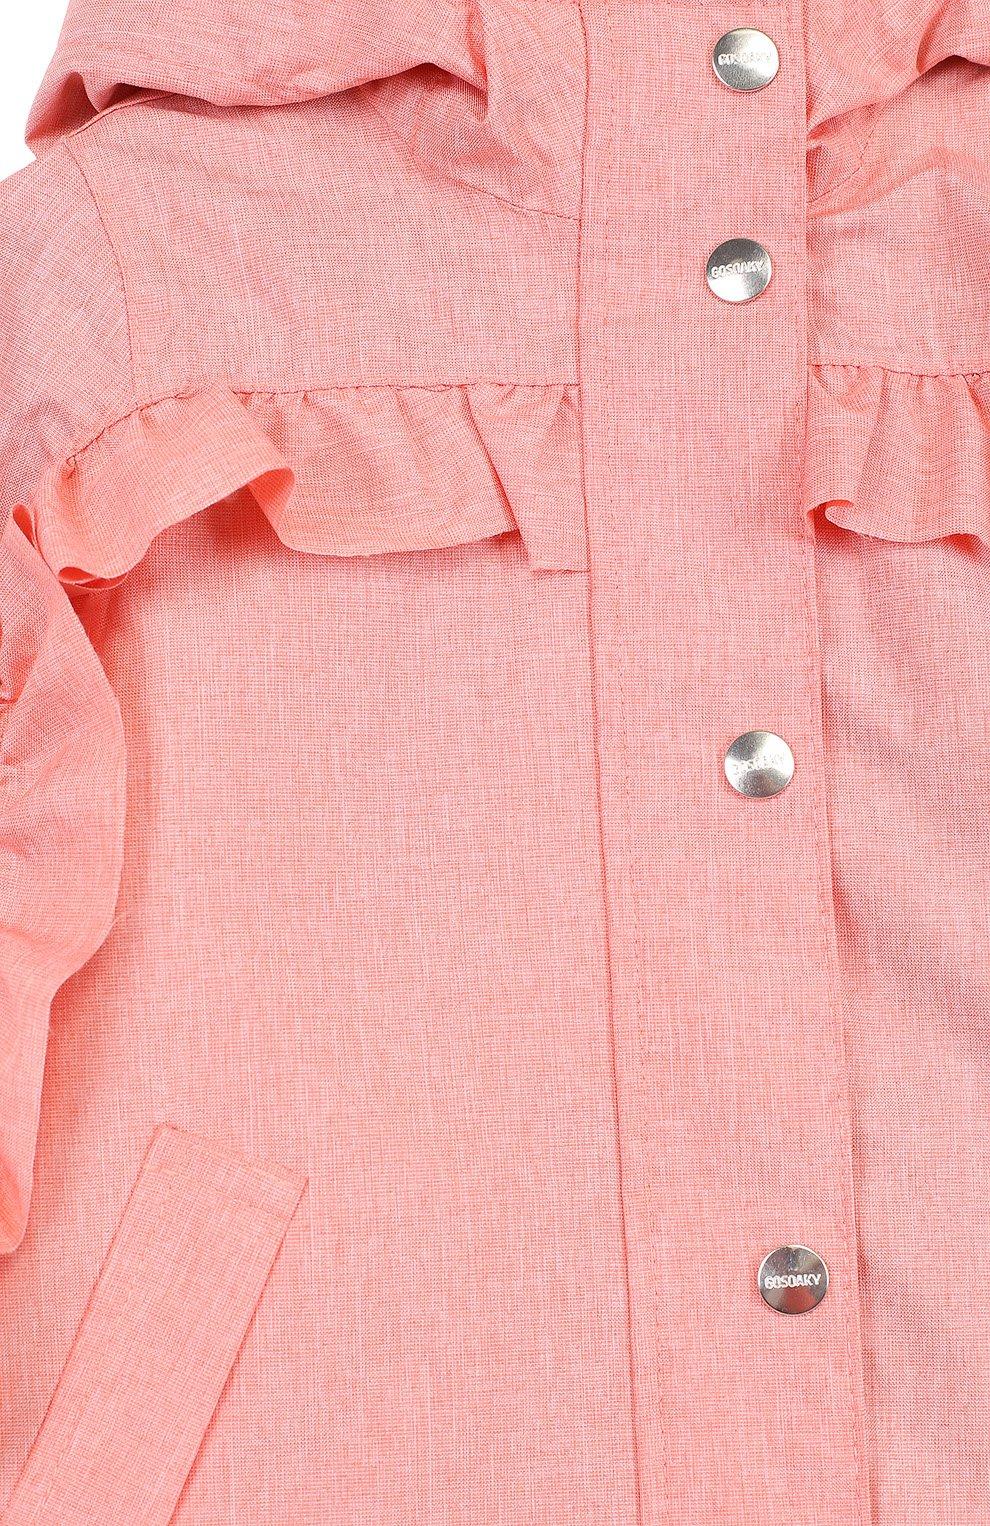 Детский дождевик с капюшоном и оборками GOSOAKY розового цвета, арт. 181.101.239/C0ATED W0VEN MELANGE   Фото 3